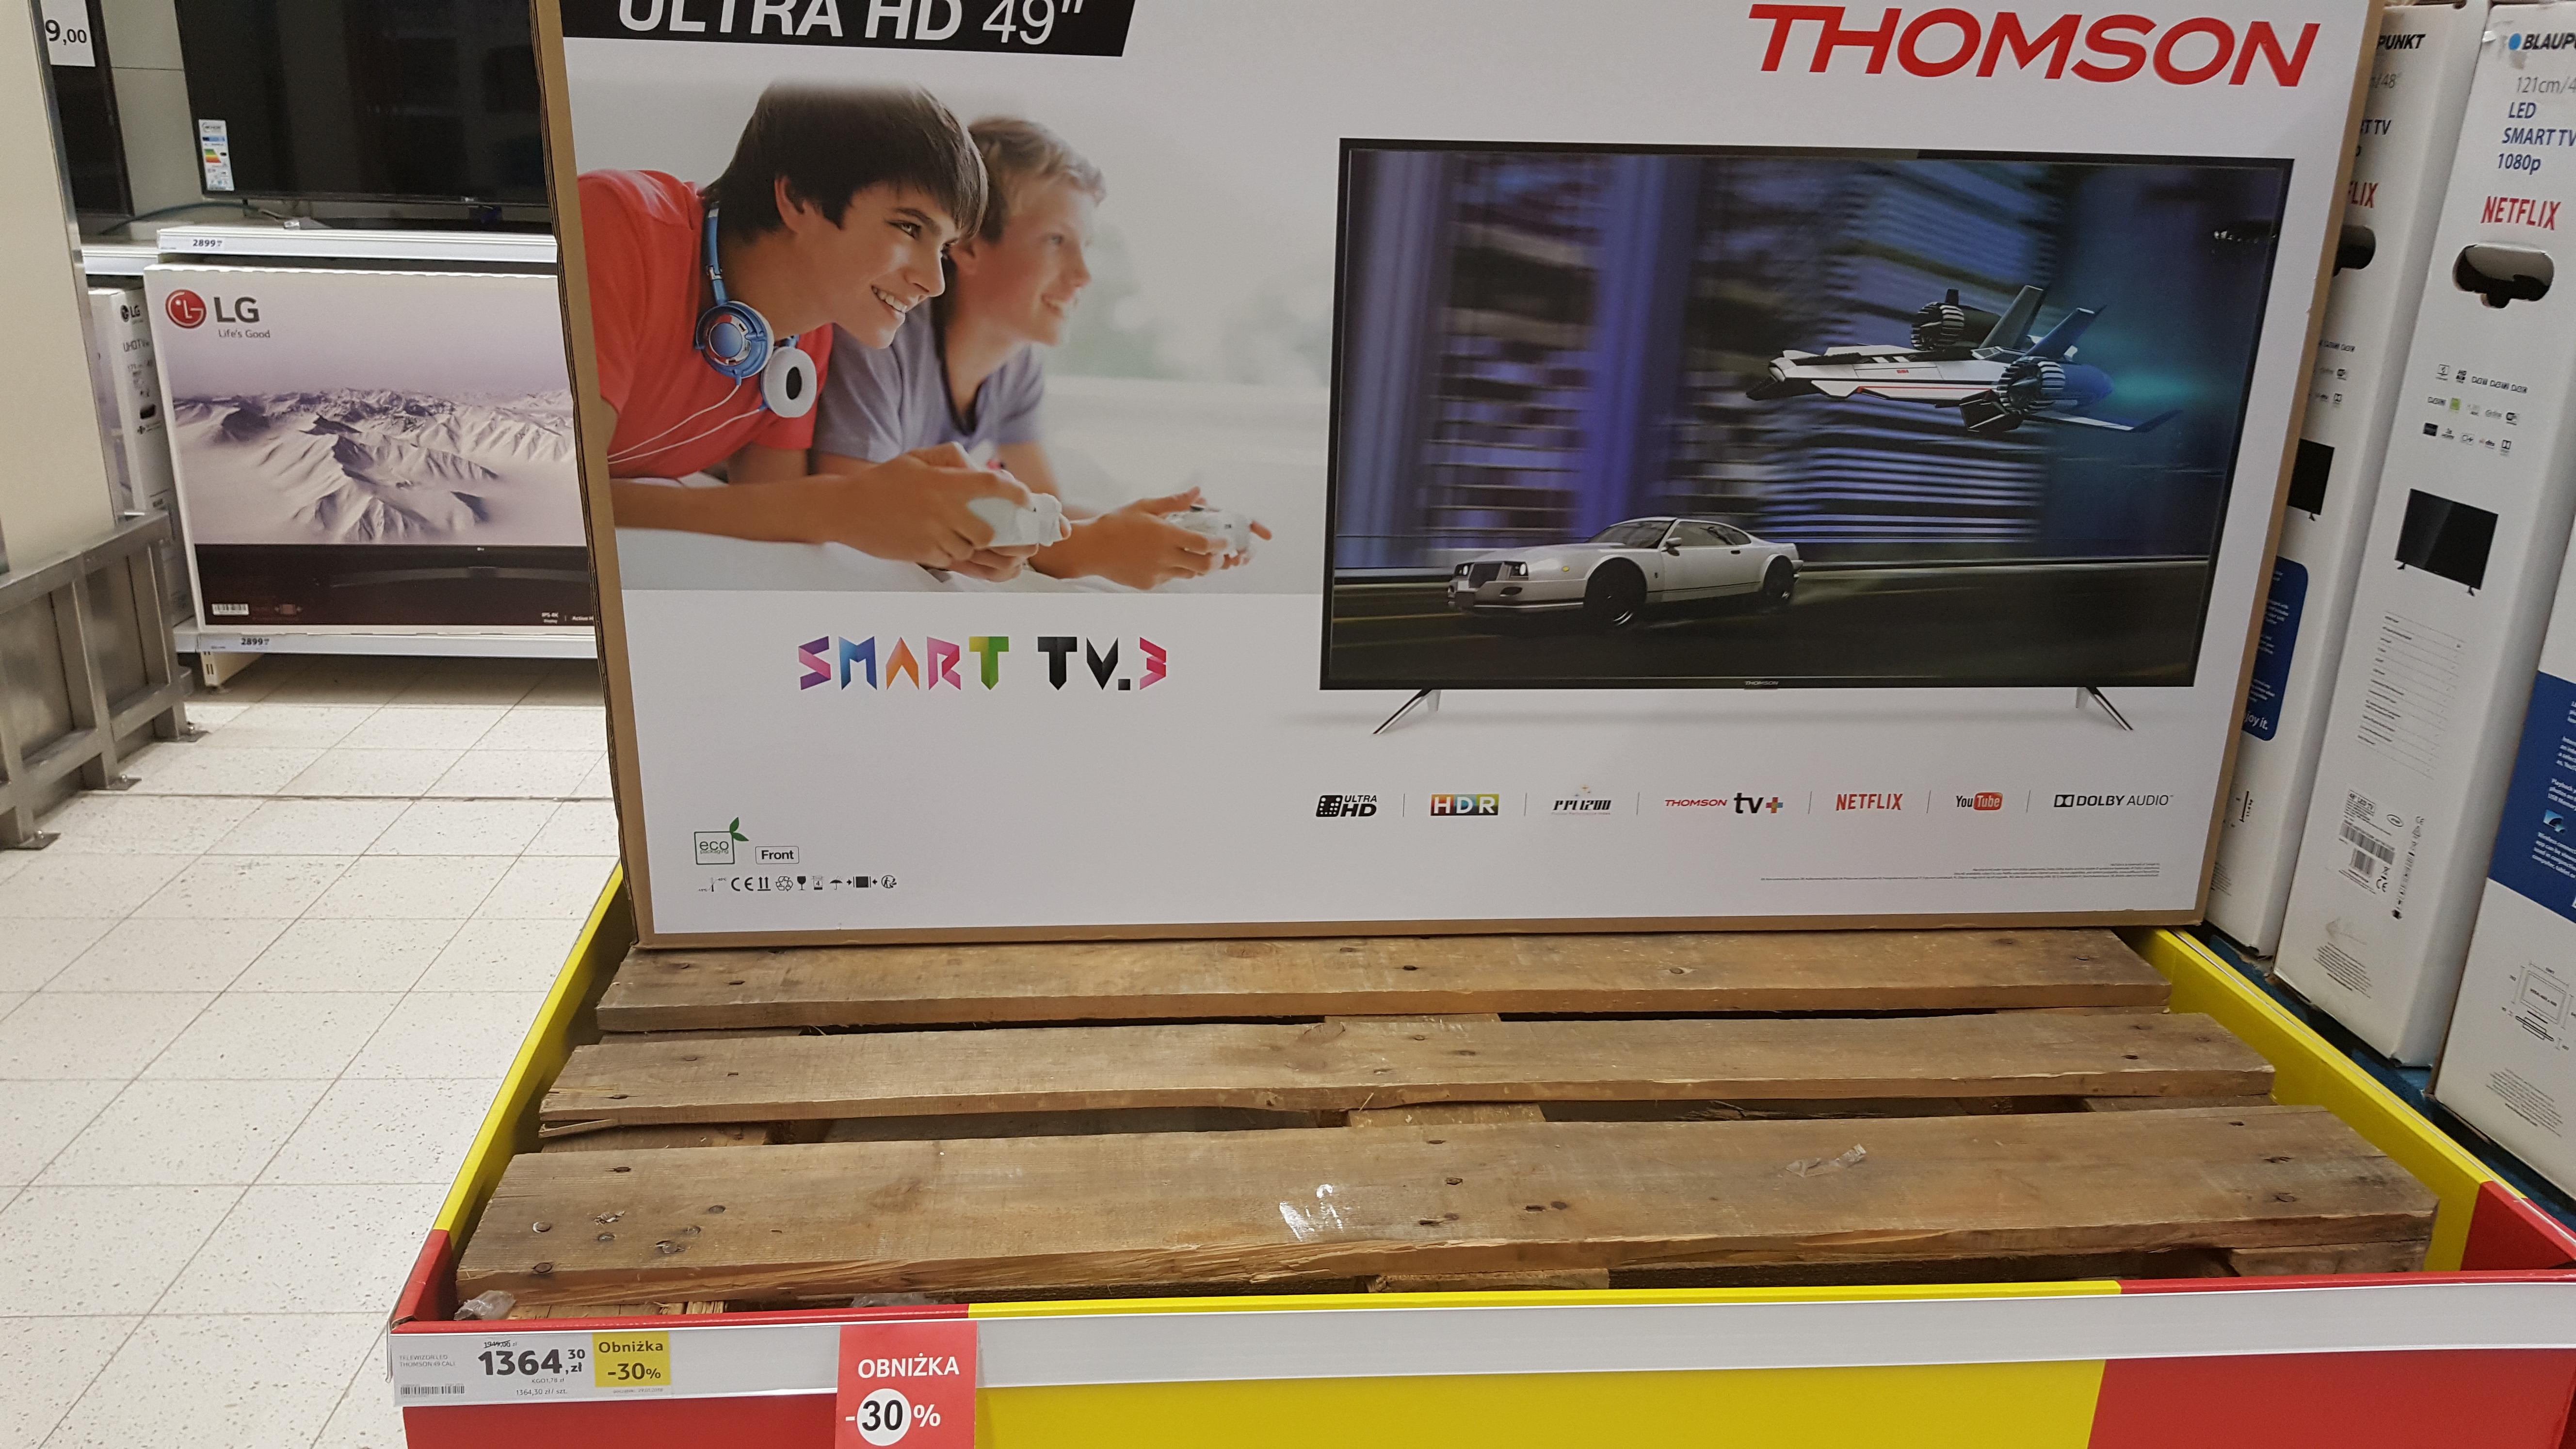 """Smart TV 4K UltraHD 49"""" Thomson za 1364 PLN"""